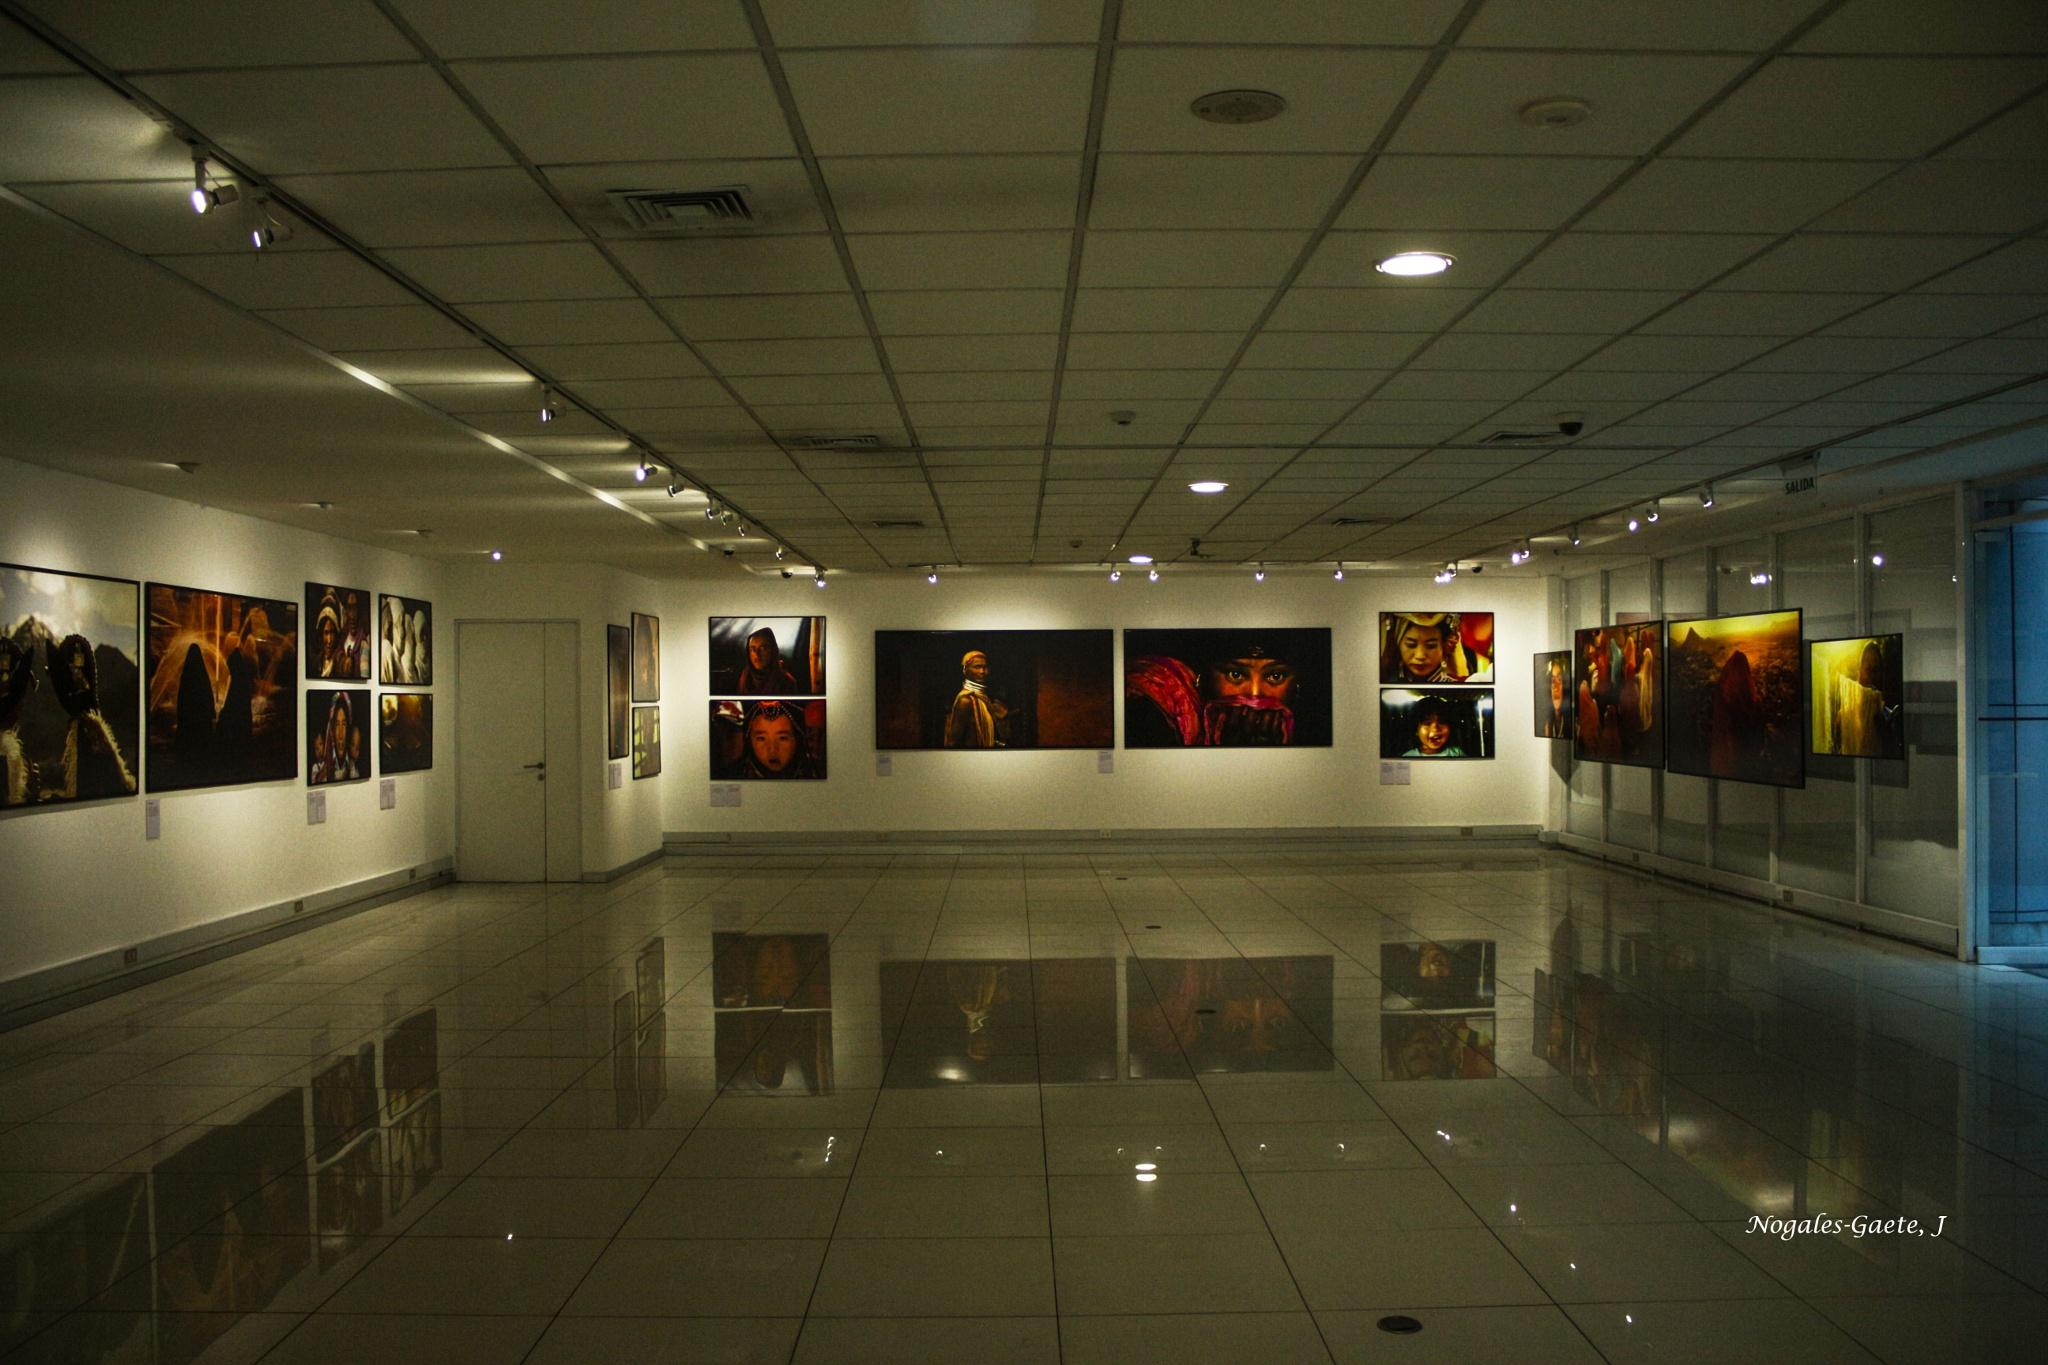 Art Gallery - Galeria de arte by Jorge Nogales